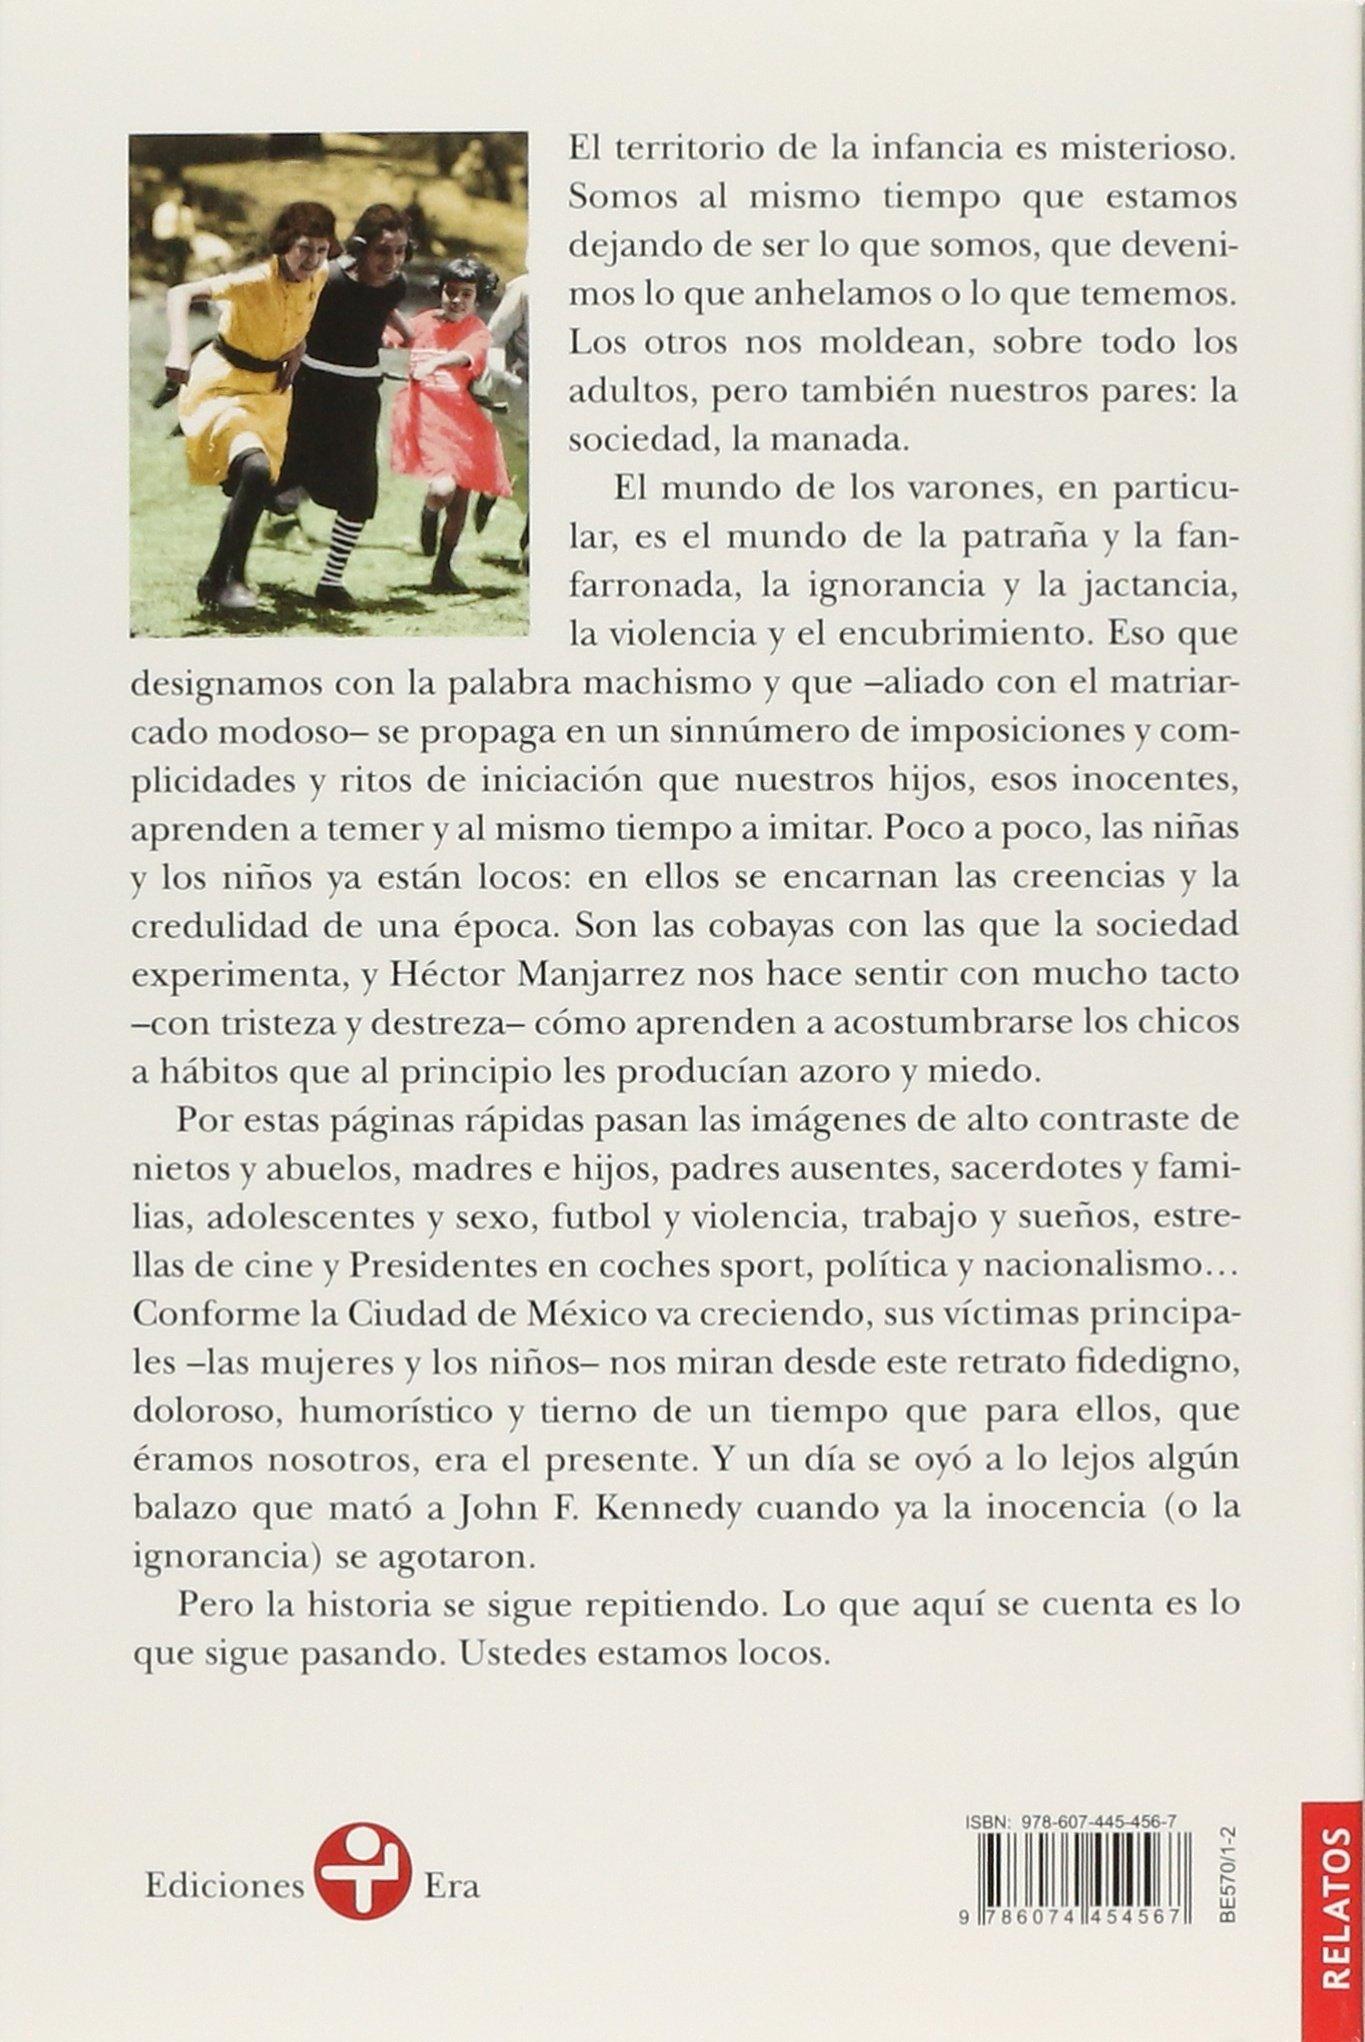 Los niños estan locos (Spanish Edition): Hector Manjarrez: 9786074454567: Amazon.com: Books